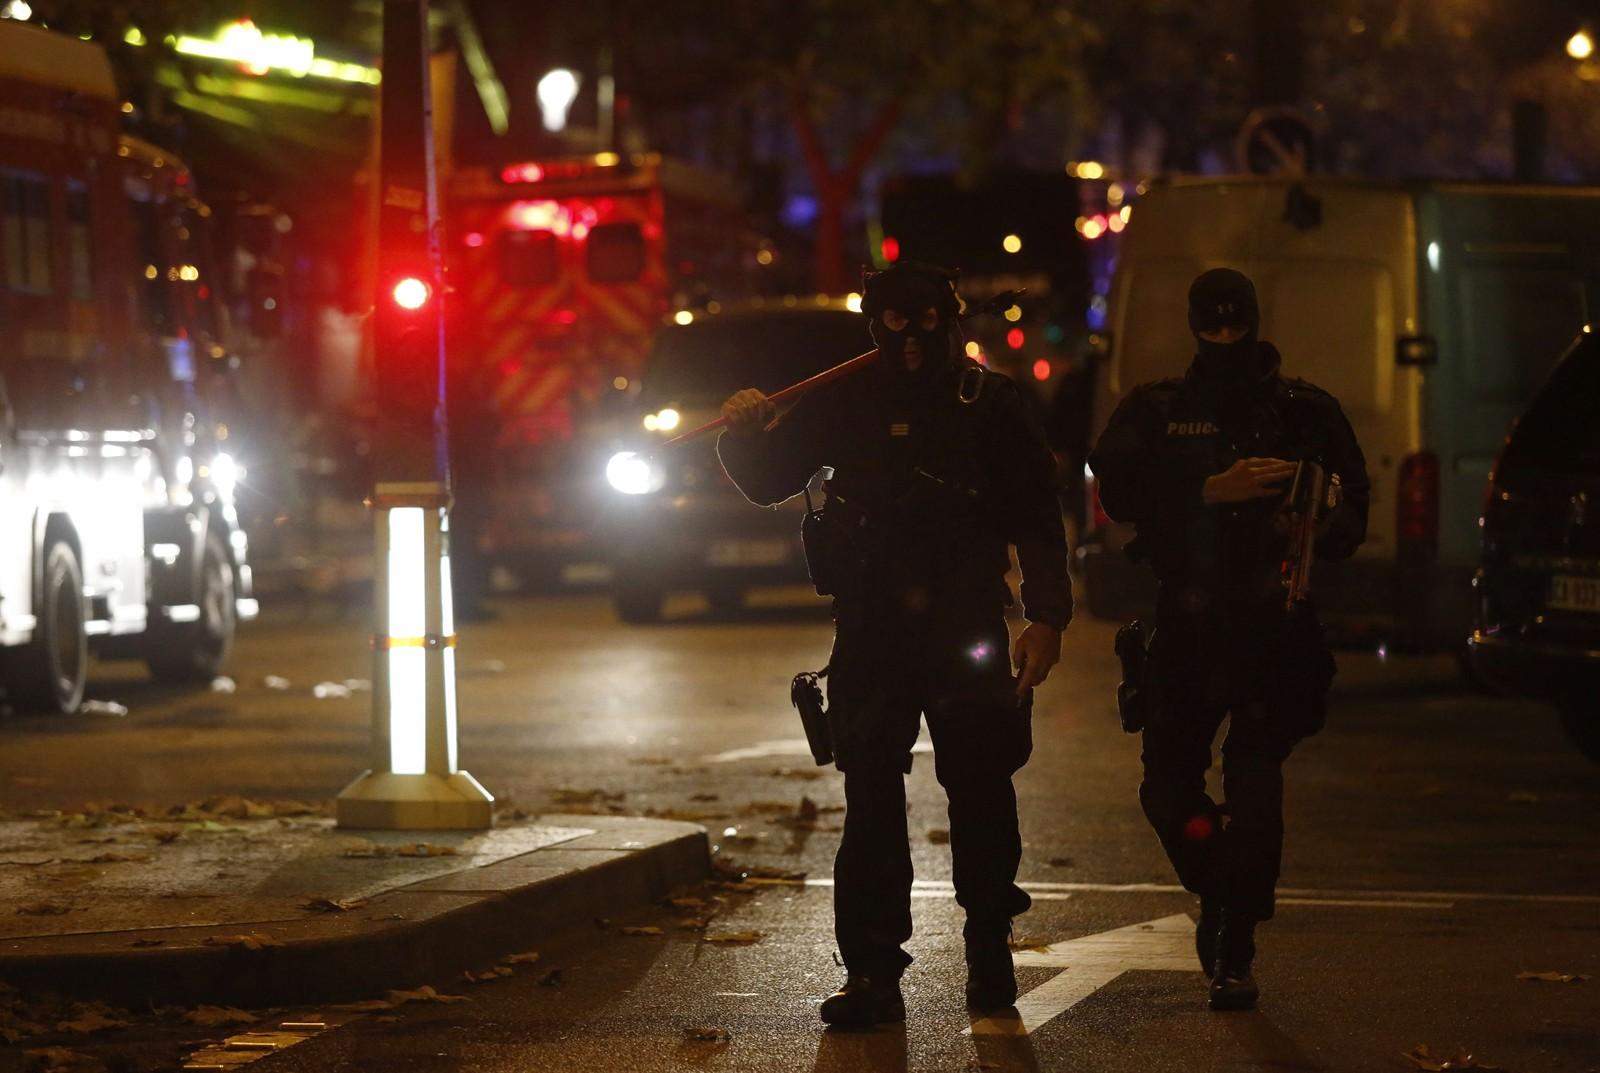 SAMORDNEDE: Massakren i Le Bataclan var ett av så mange som sju forskjellige angrep i Paris fredag kveld som framstår som samordnede og velorganiserte.